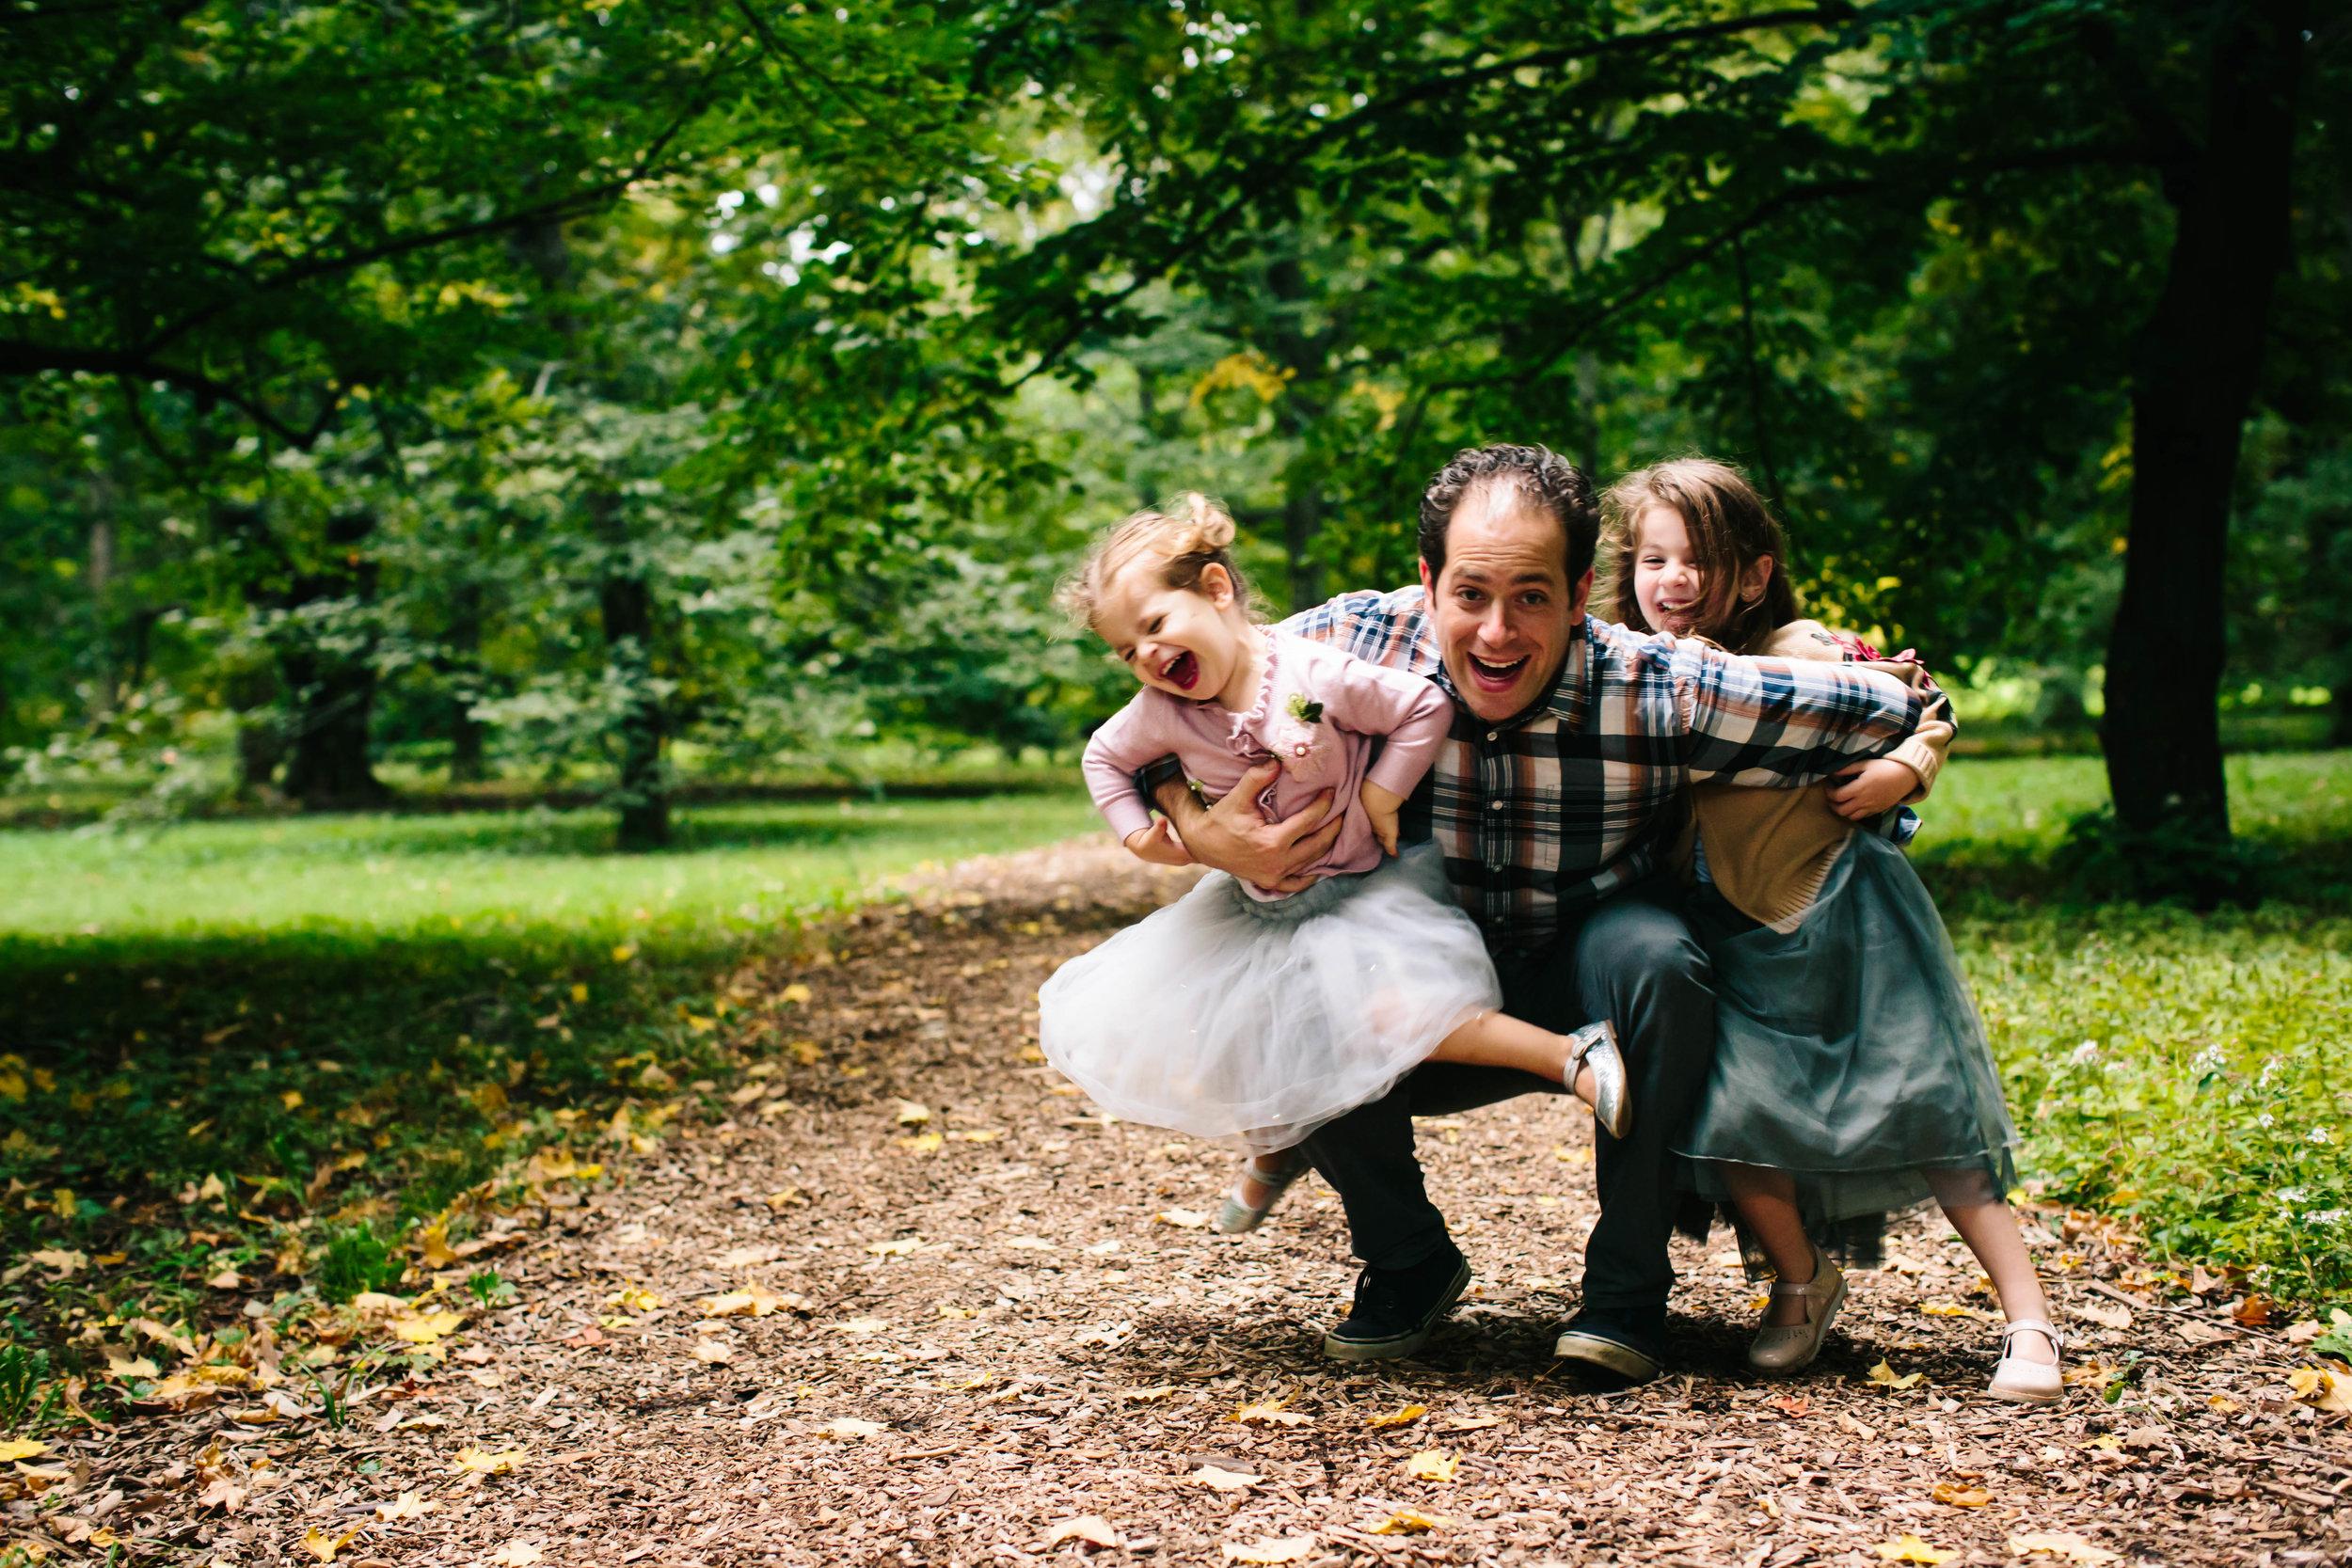 freedmanfamily-35.jpg